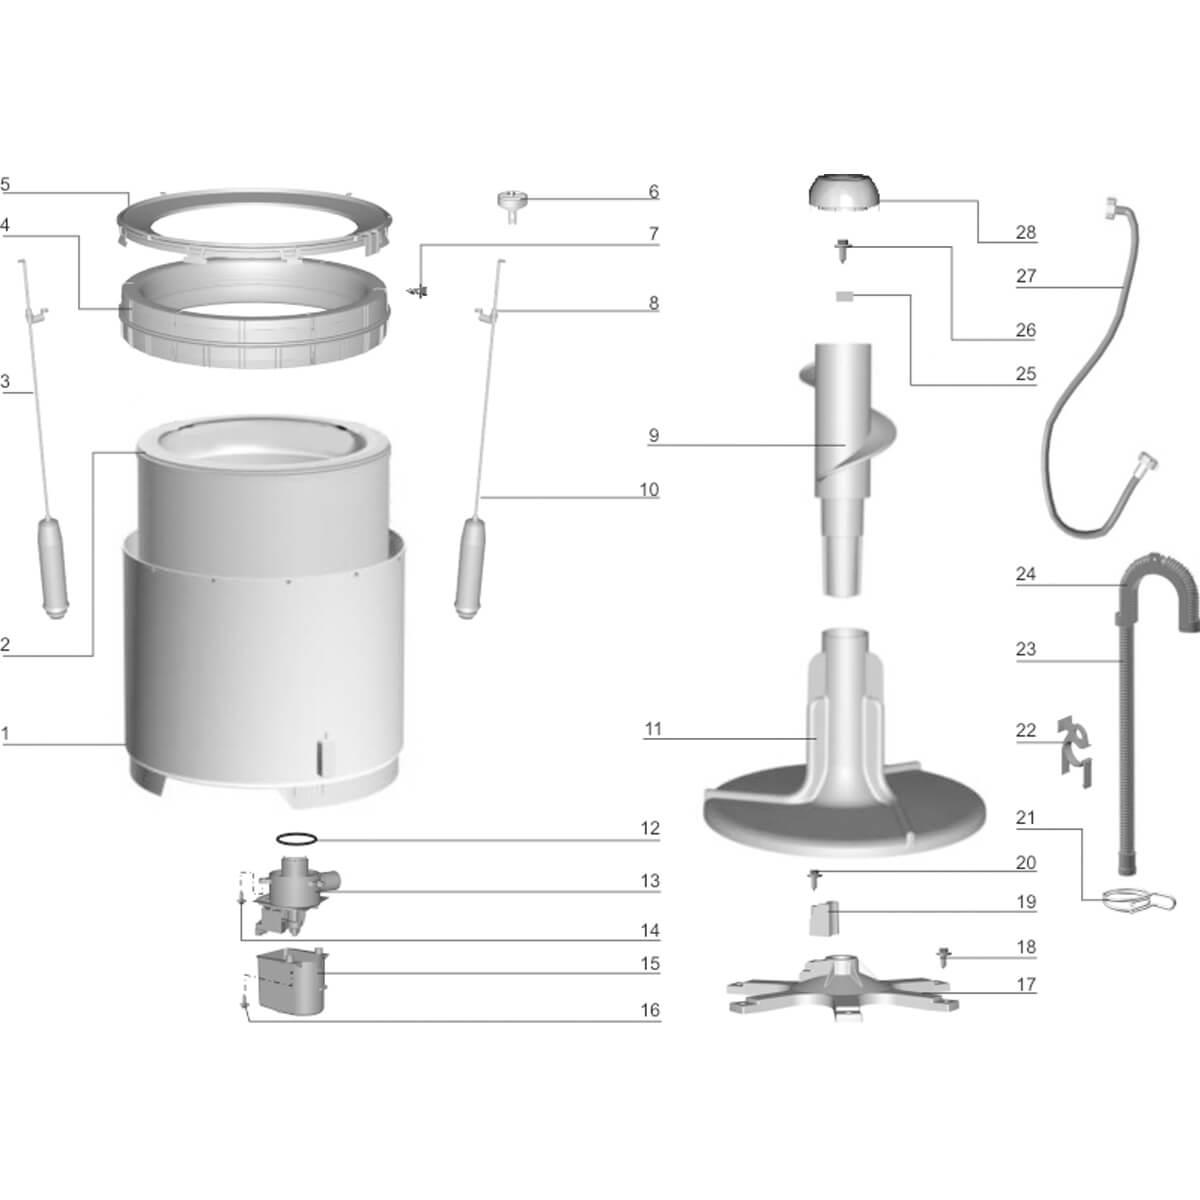 Suspensão Do Lado Do Motor Para Lavadora De Roupas Electrolux - 70096004